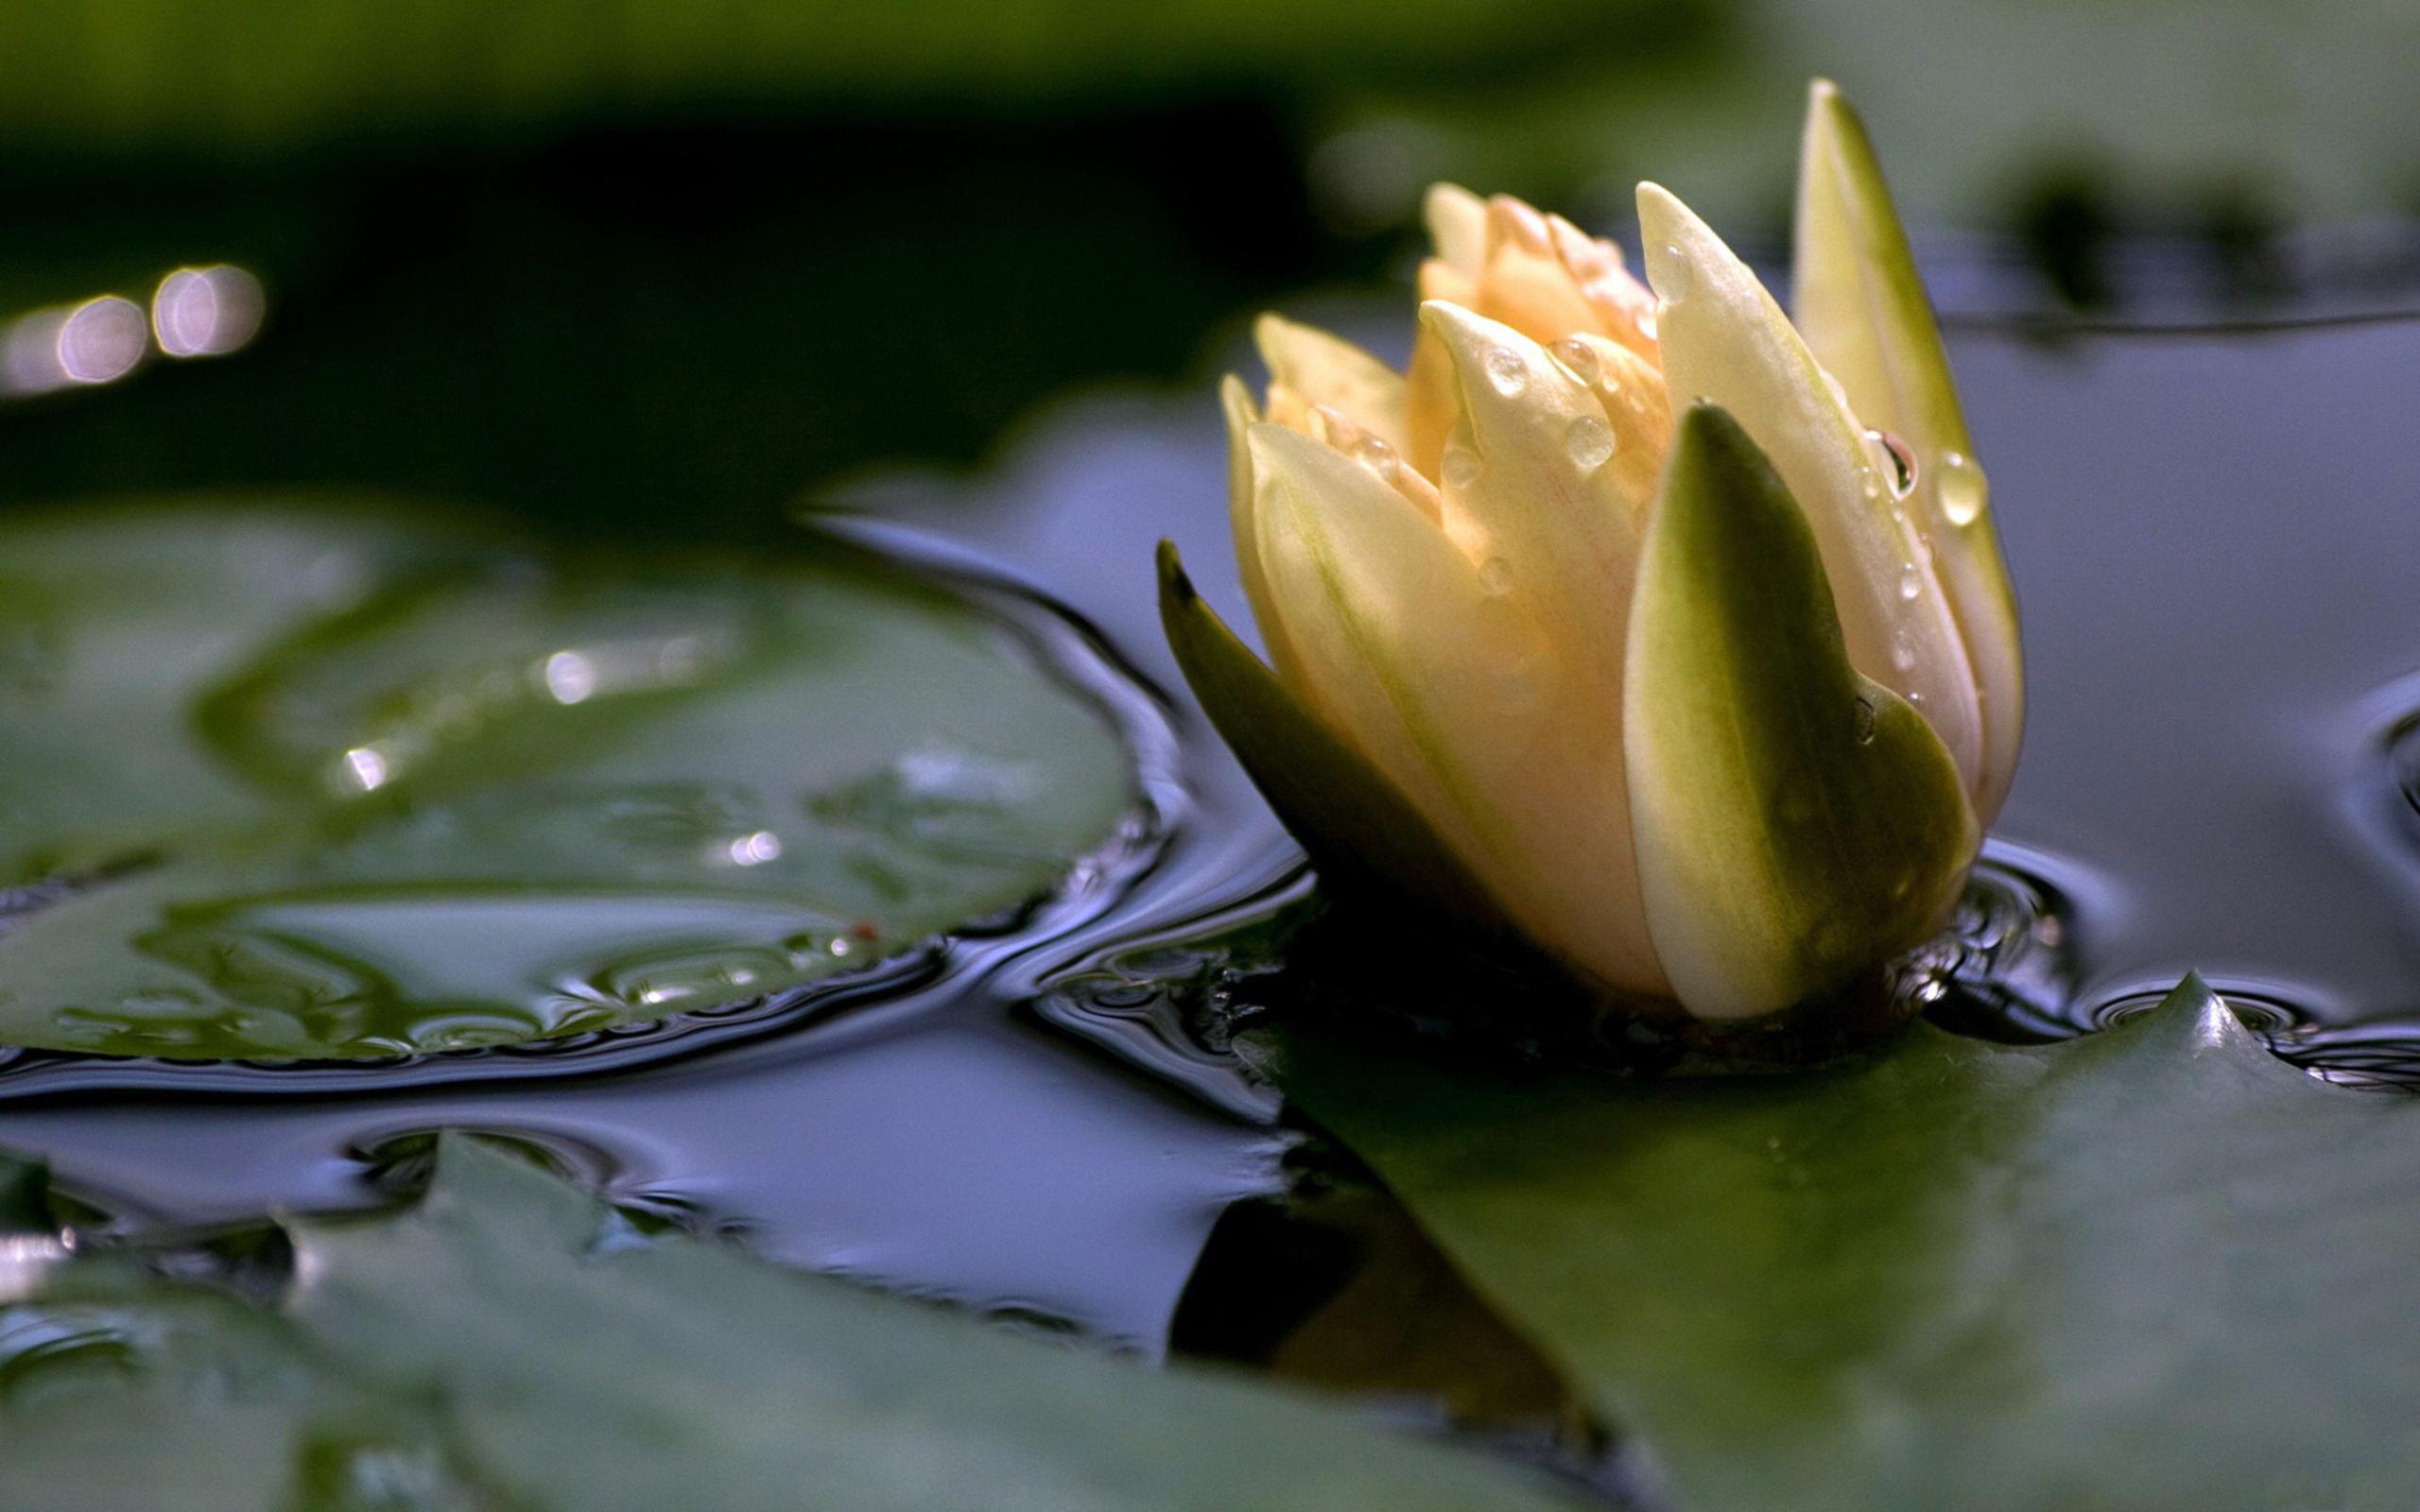 листок капля желтый на воде  № 2777394 загрузить